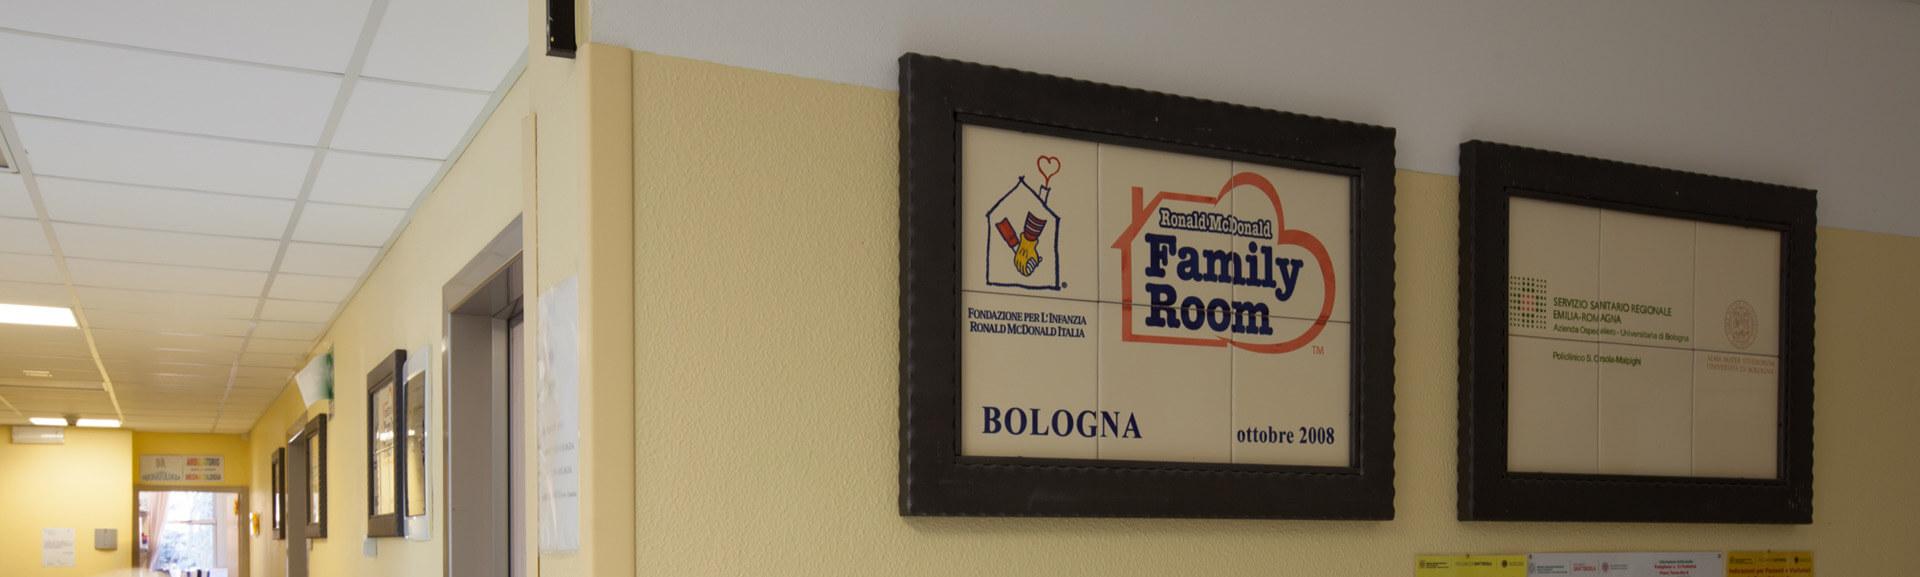 Quella di Bologna è una delle due Family Room di Fondazione Ronald presenti in Italia. Scopri di cosa si tratta.